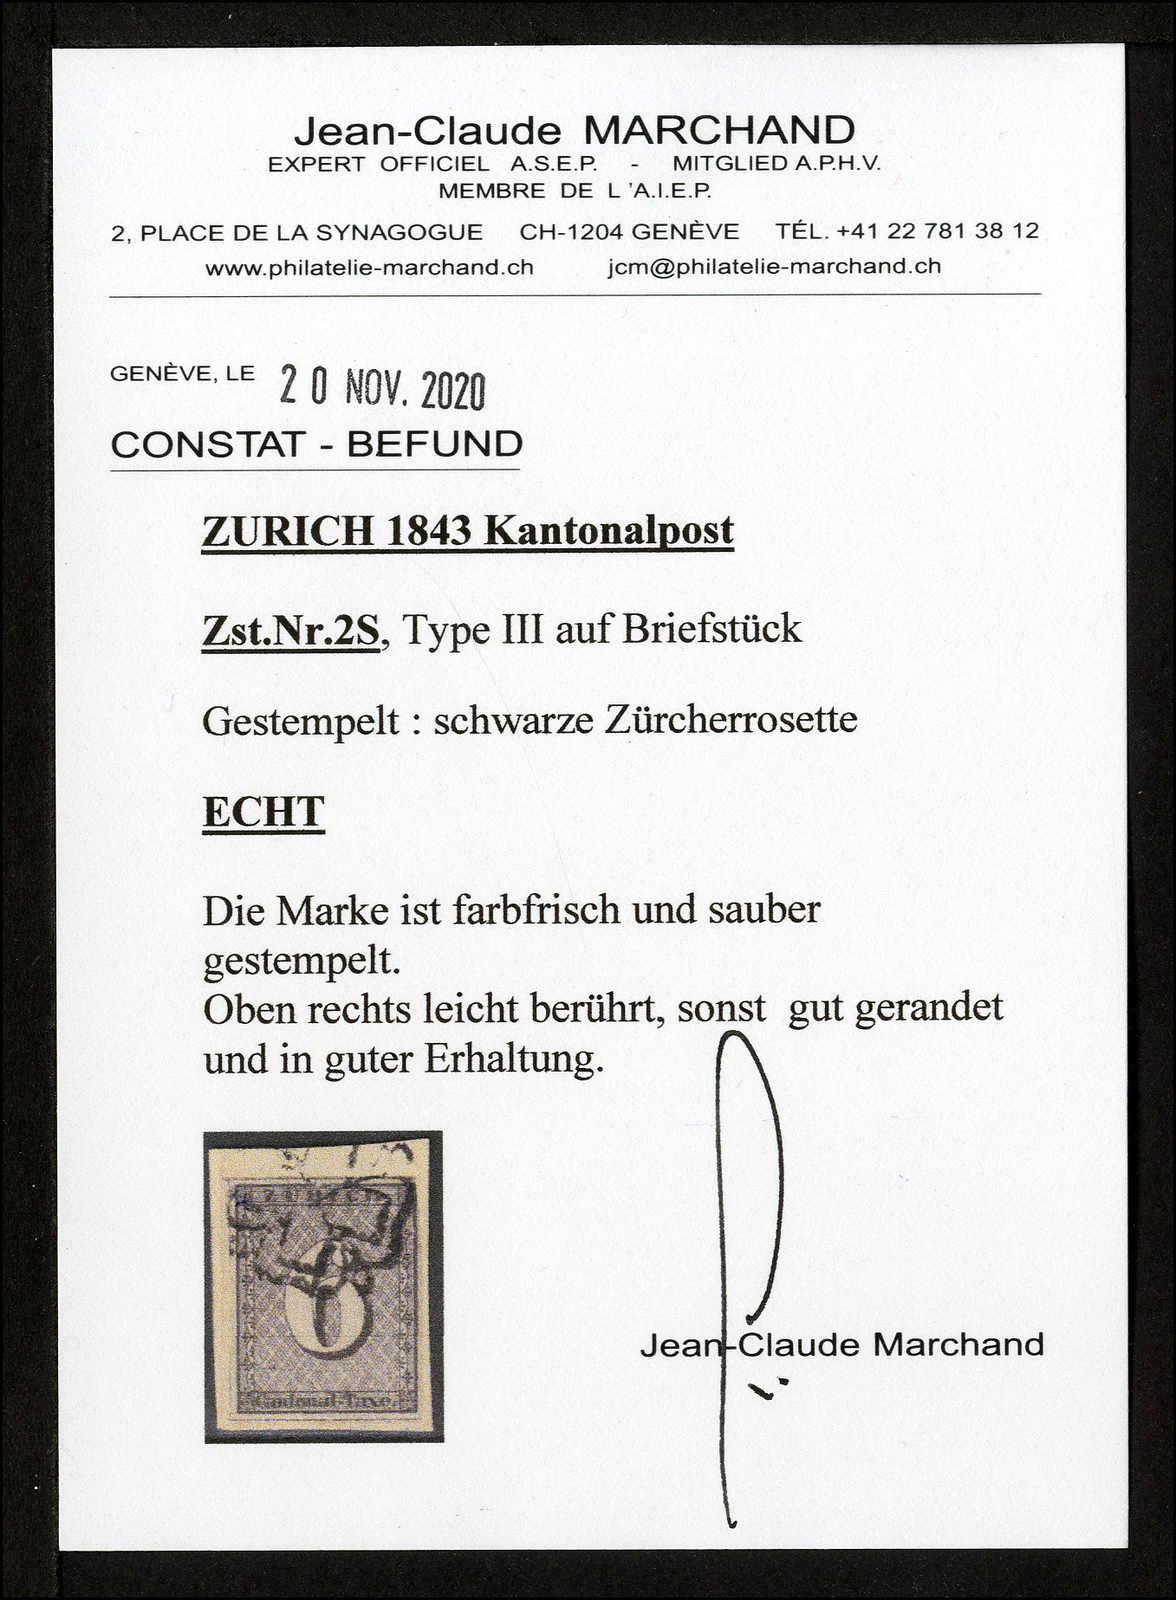 Lot 993 - schweiz schweiz kantone zürich -  Rolli Auctions Auction #68 Day 2